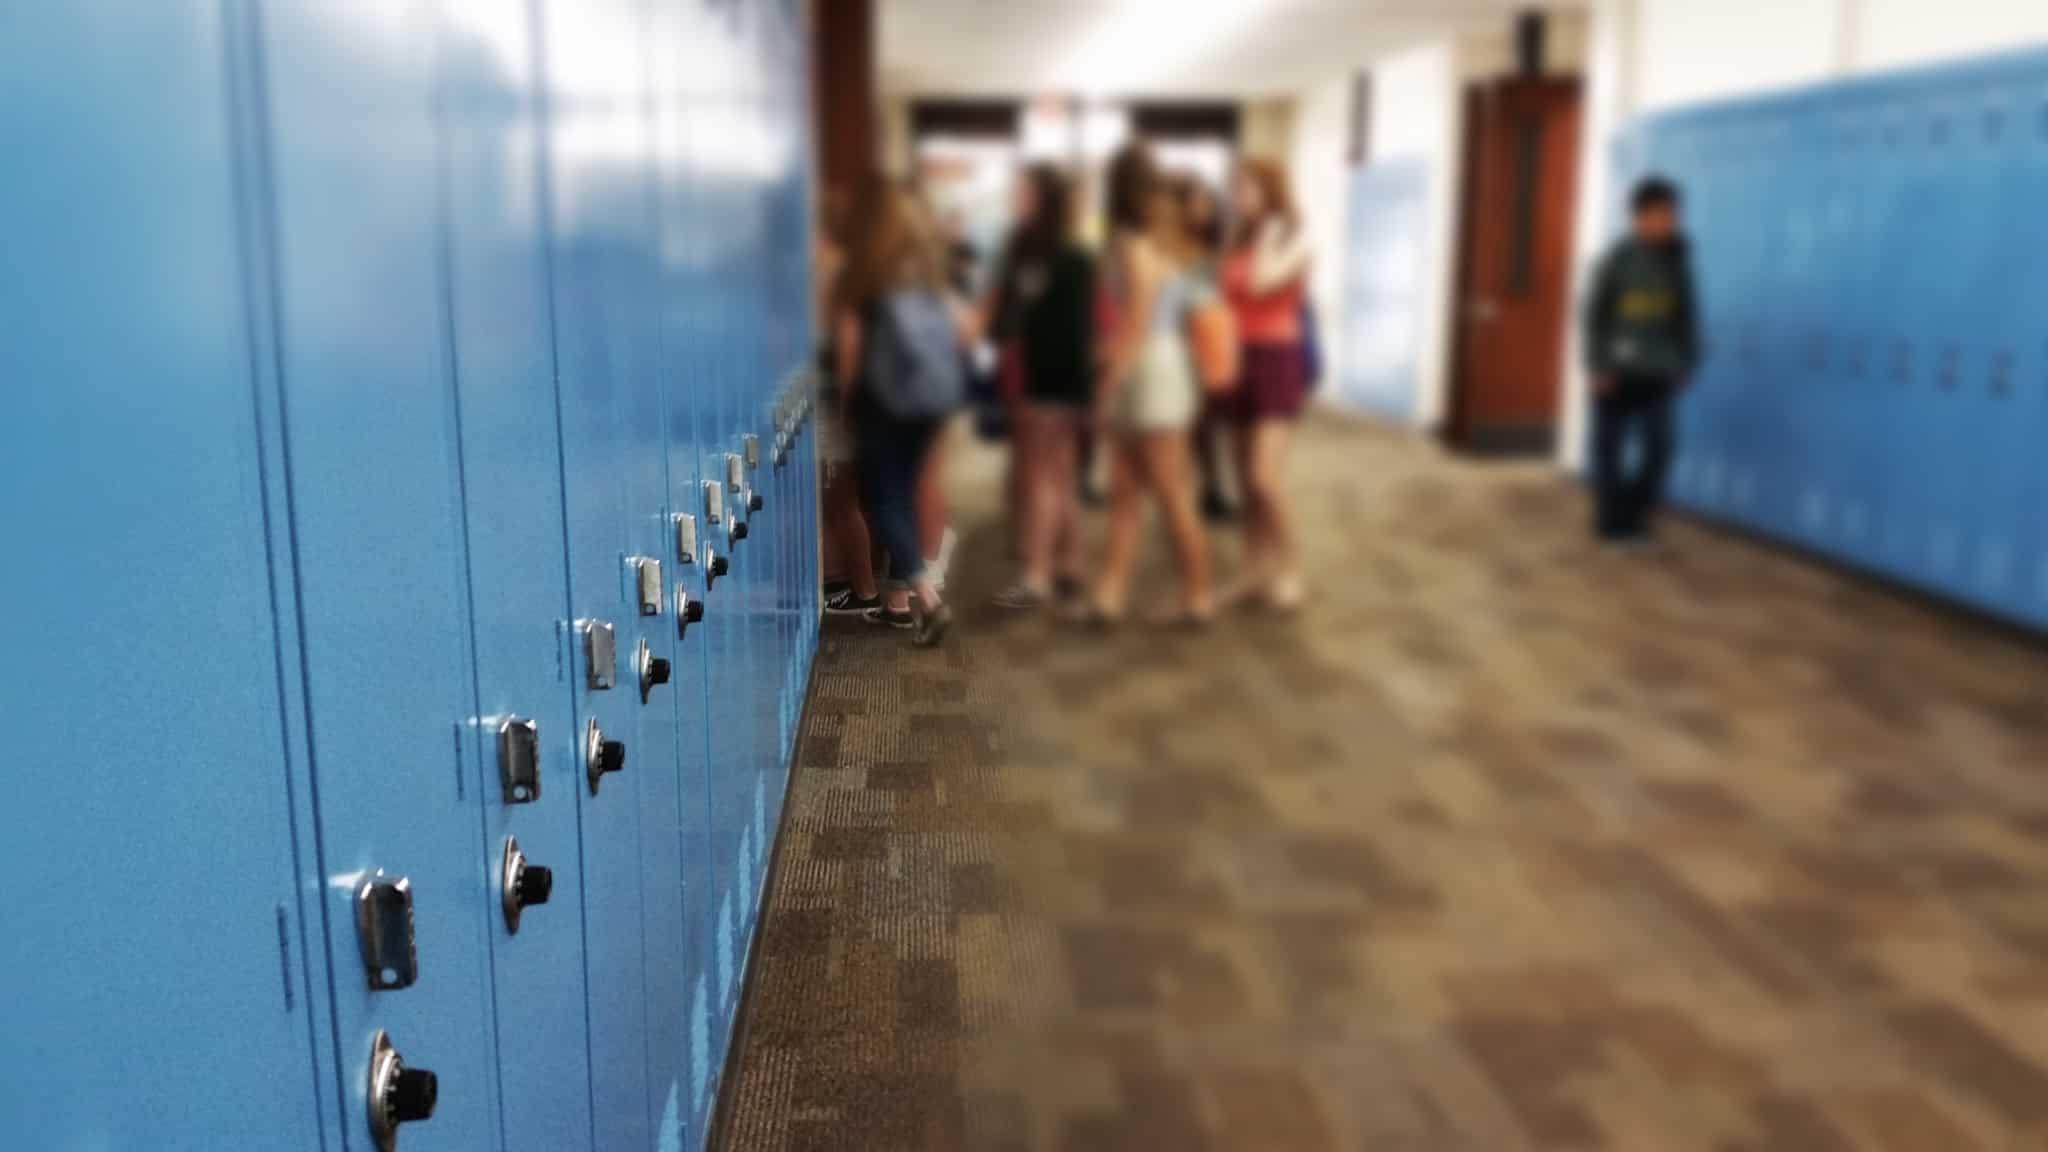 corredor de uma escola com cacifos azuis